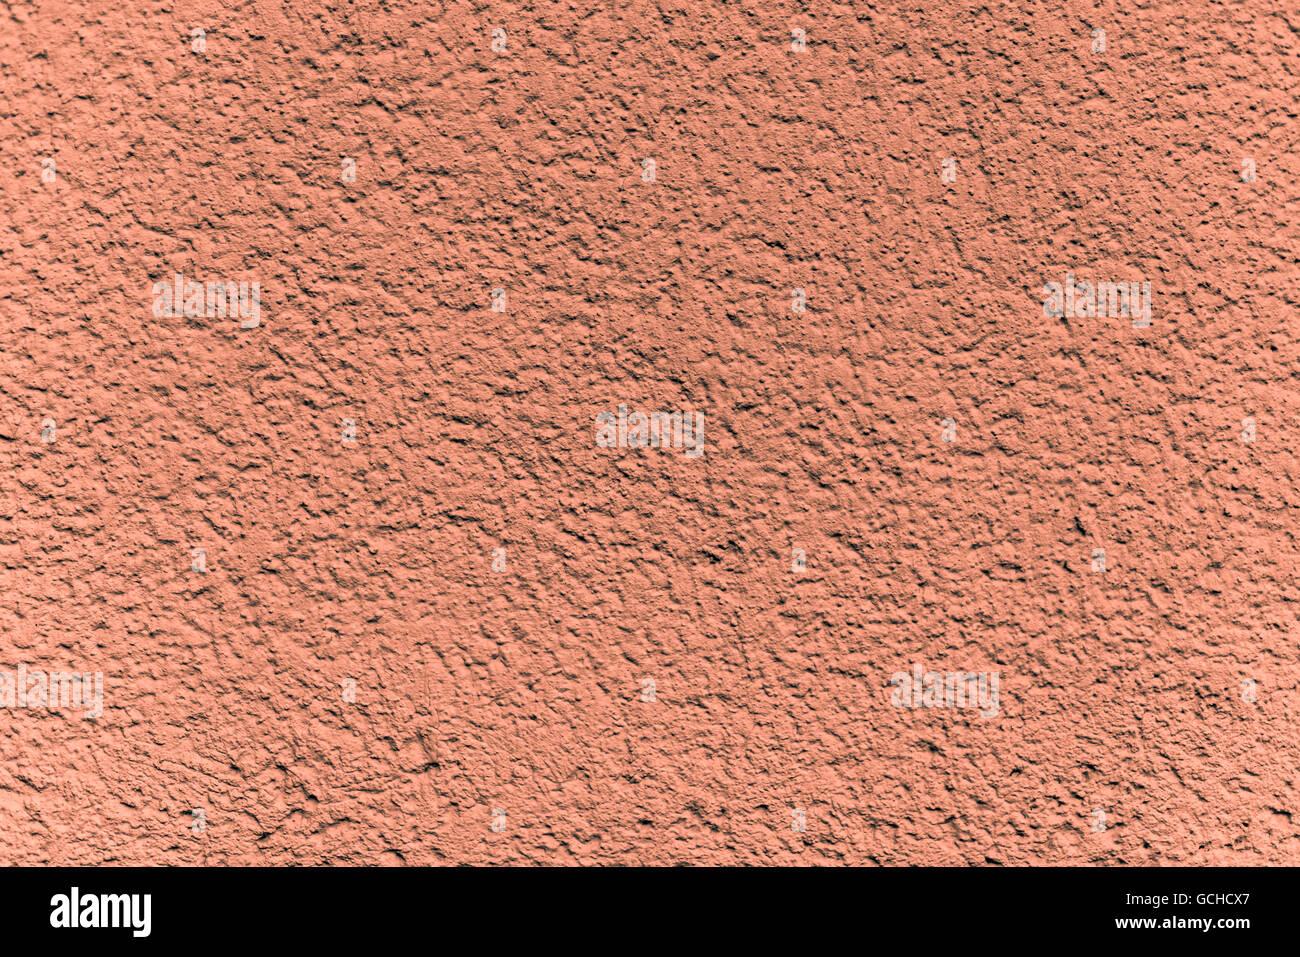 Eccellente arancione orangish grigiastro muro di pietra backgrounds - con intonaco strutturato Immagini Stock